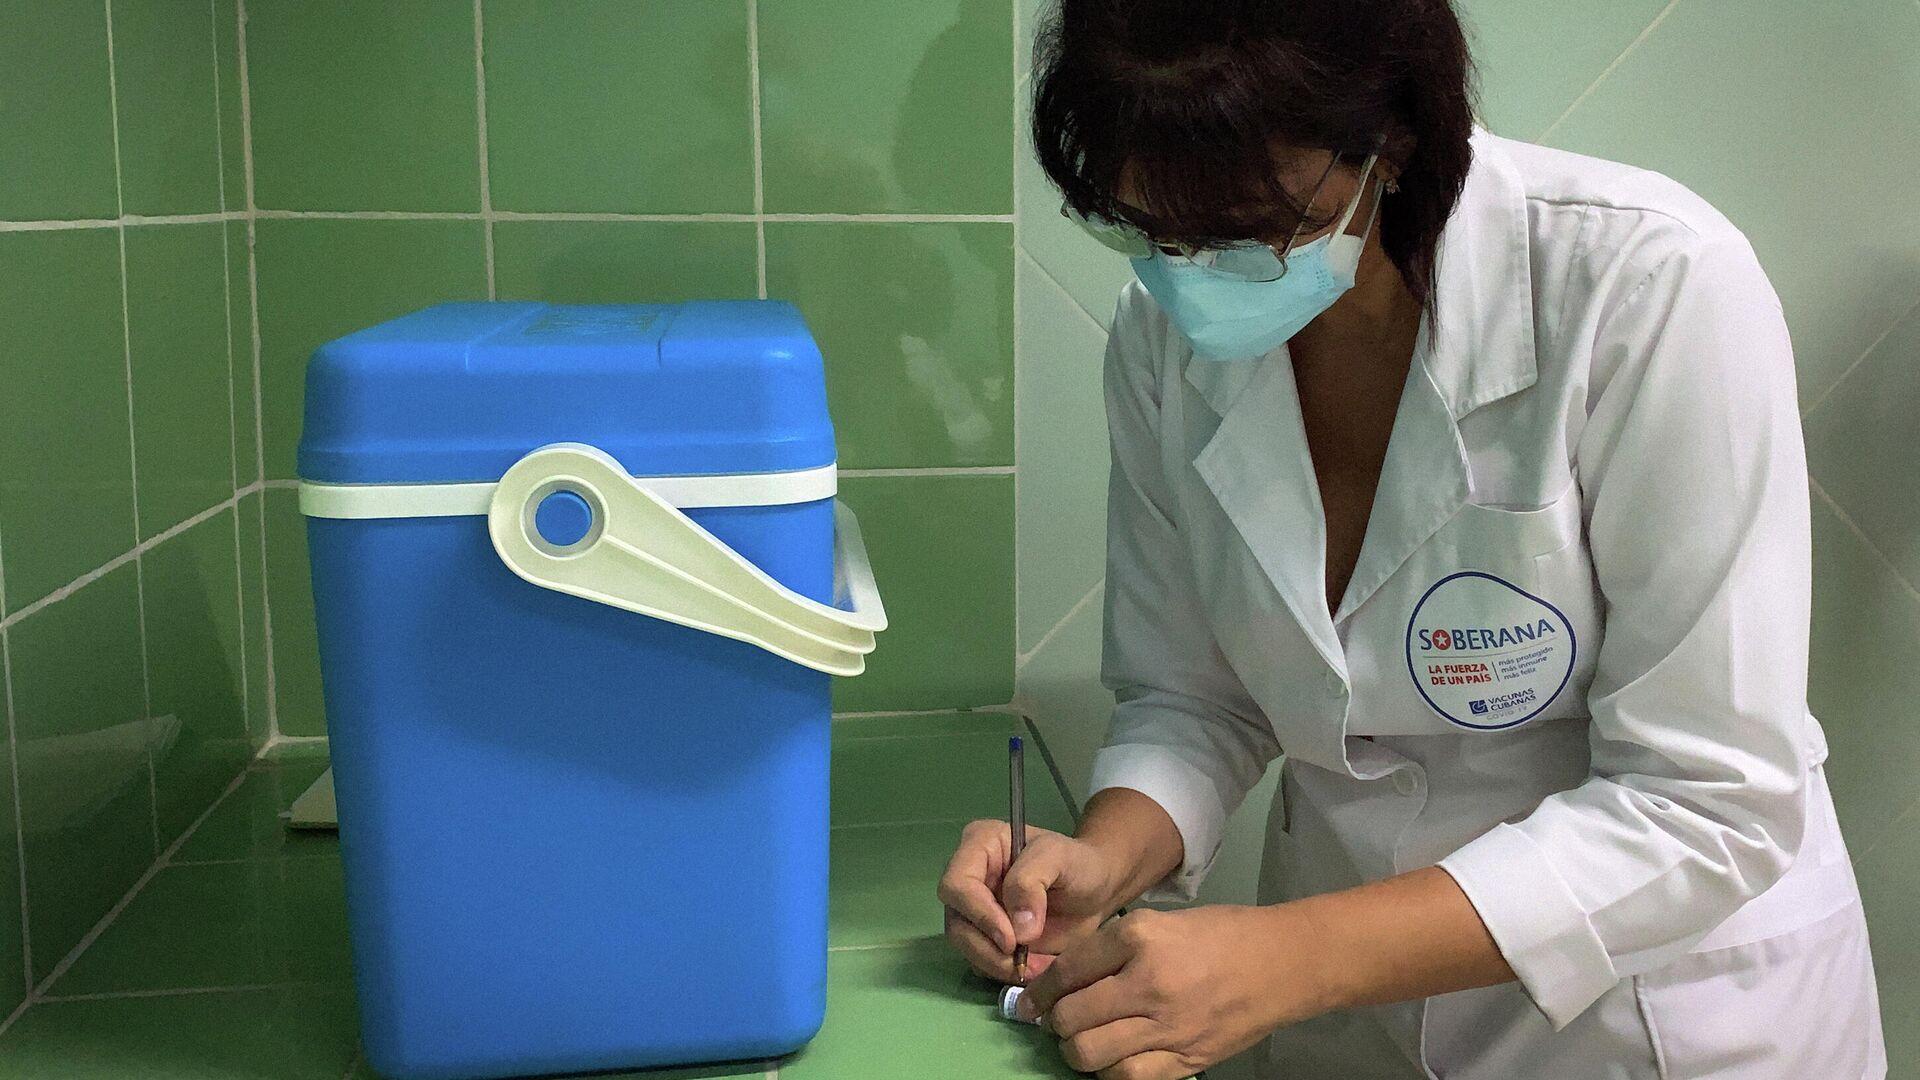 Vacunación con Soberana Plus en La Habana, Cuba - Sputnik Mundo, 1920, 02.09.2021